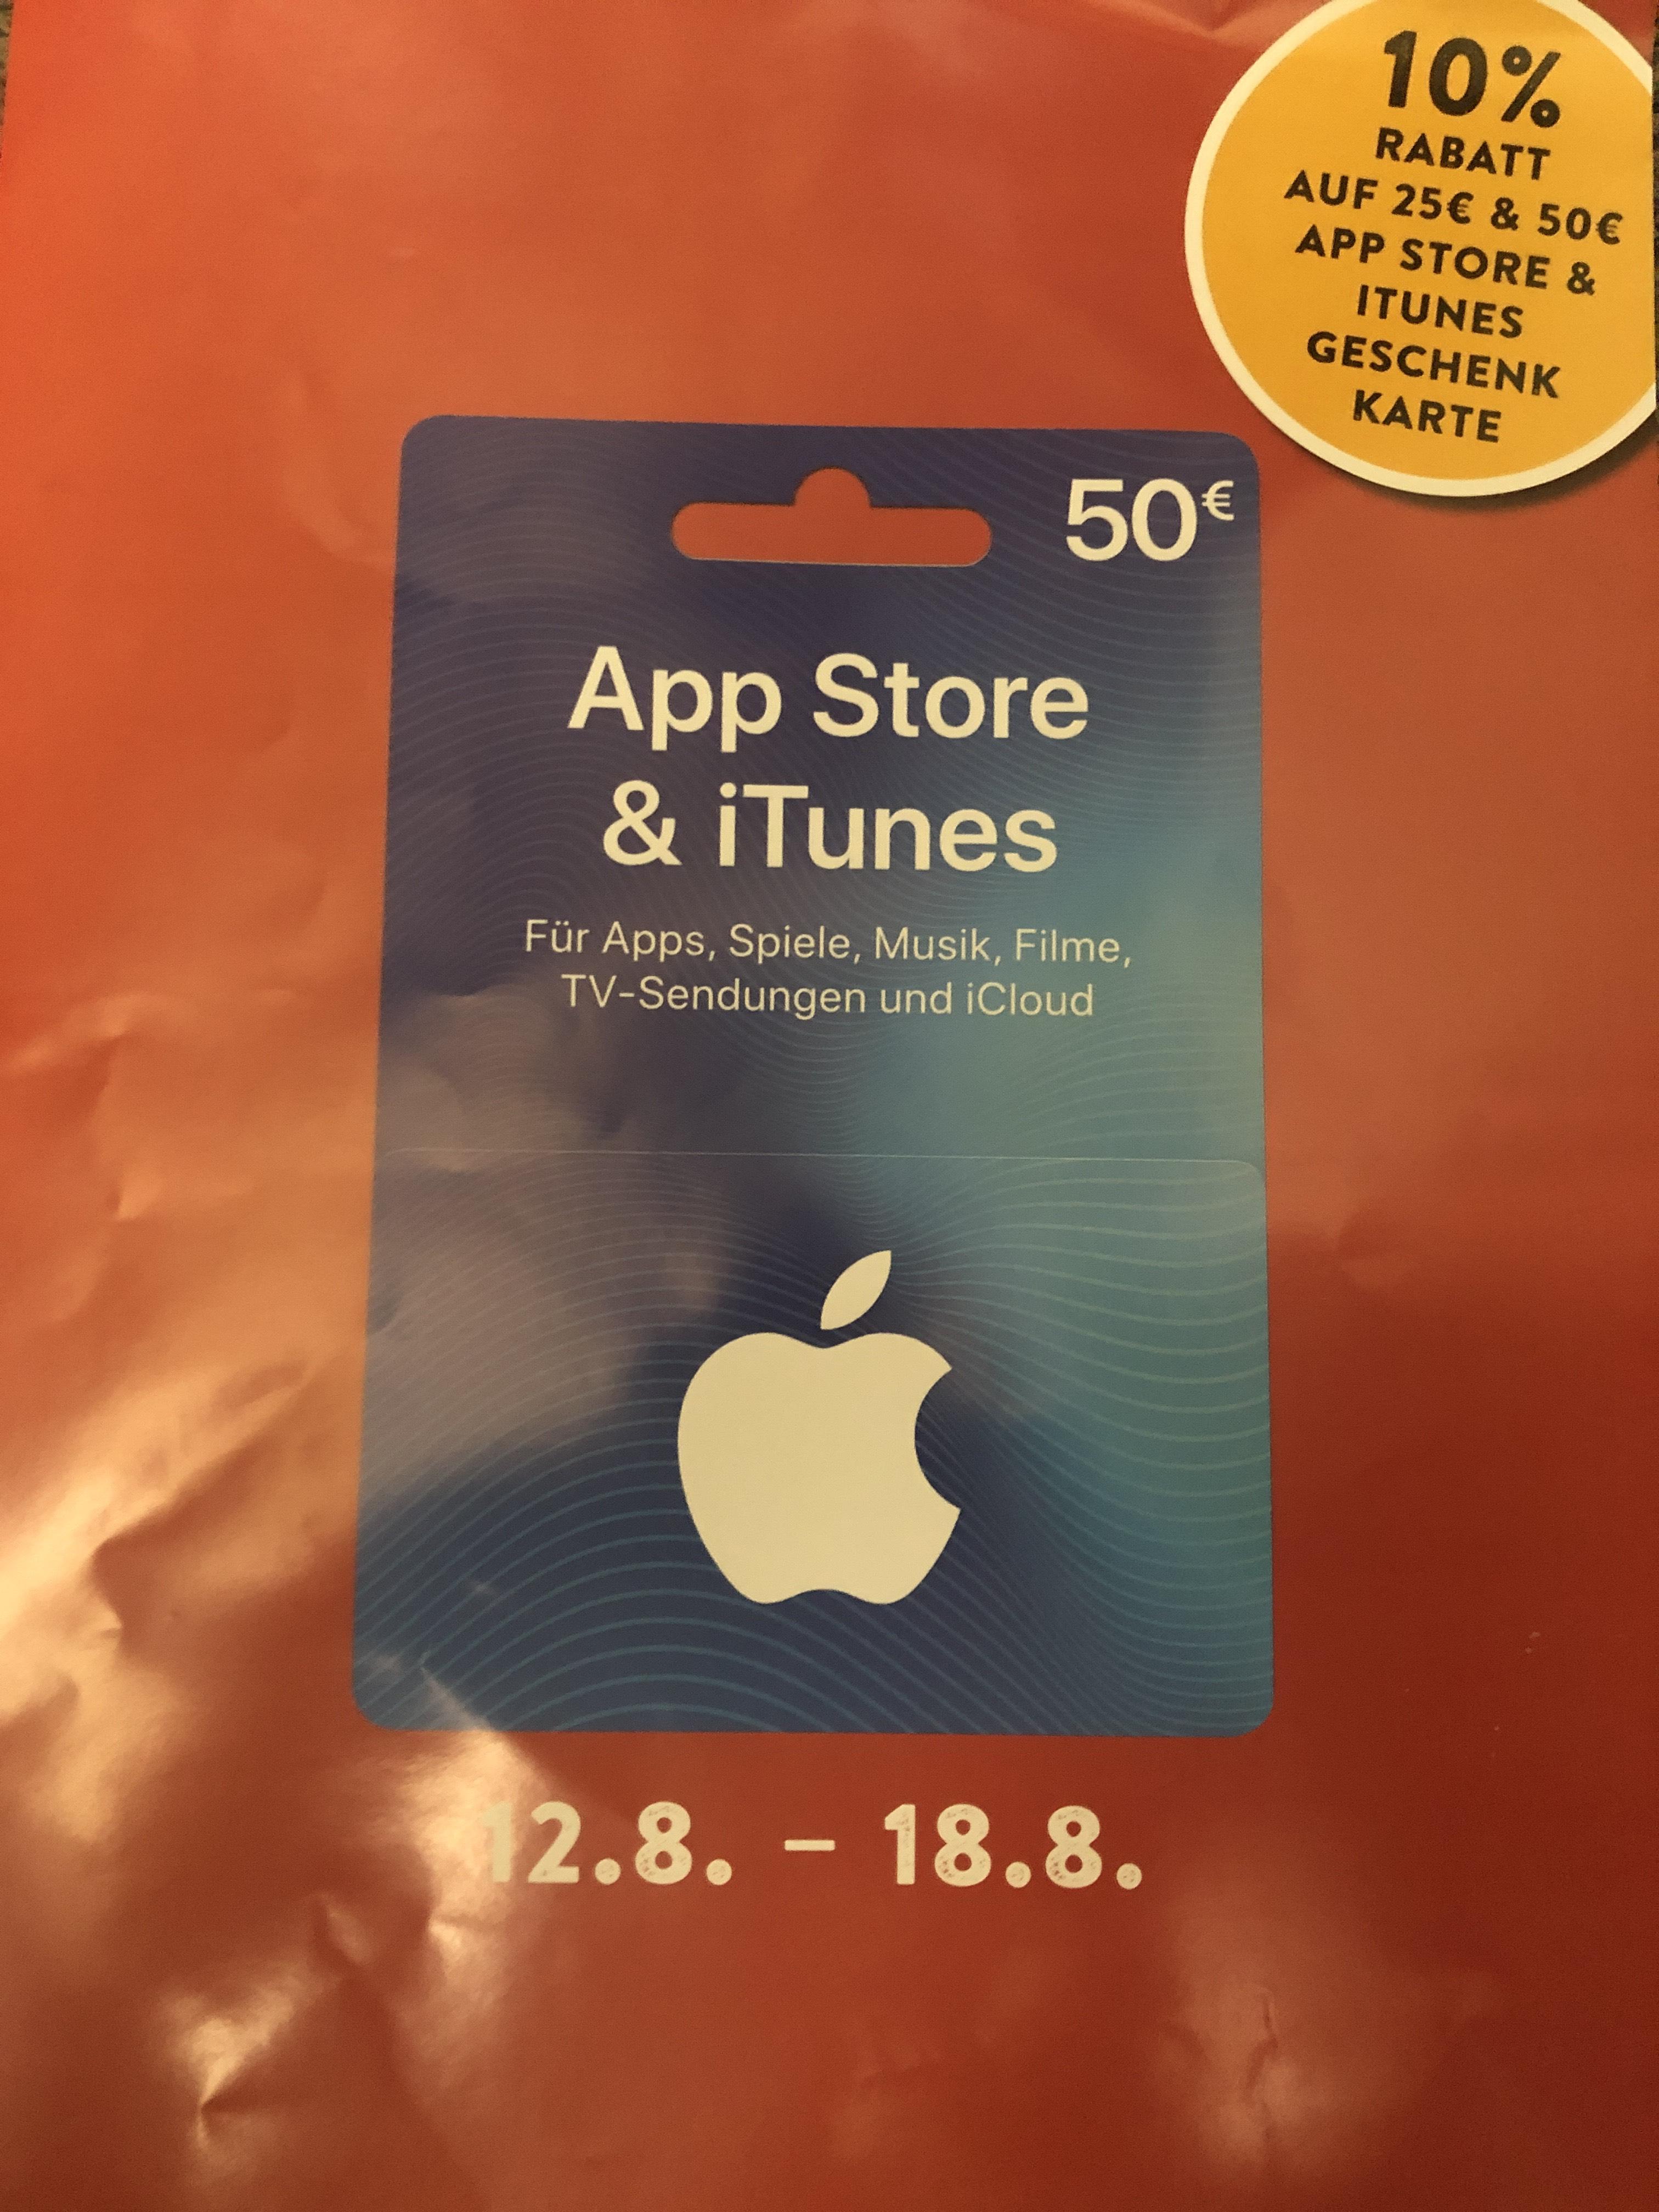 [Trafiken] App Store und iTunes Geschenkkarten: 10 % Rabatt auf 25 € und 50 € iTunes Geschenkkarte